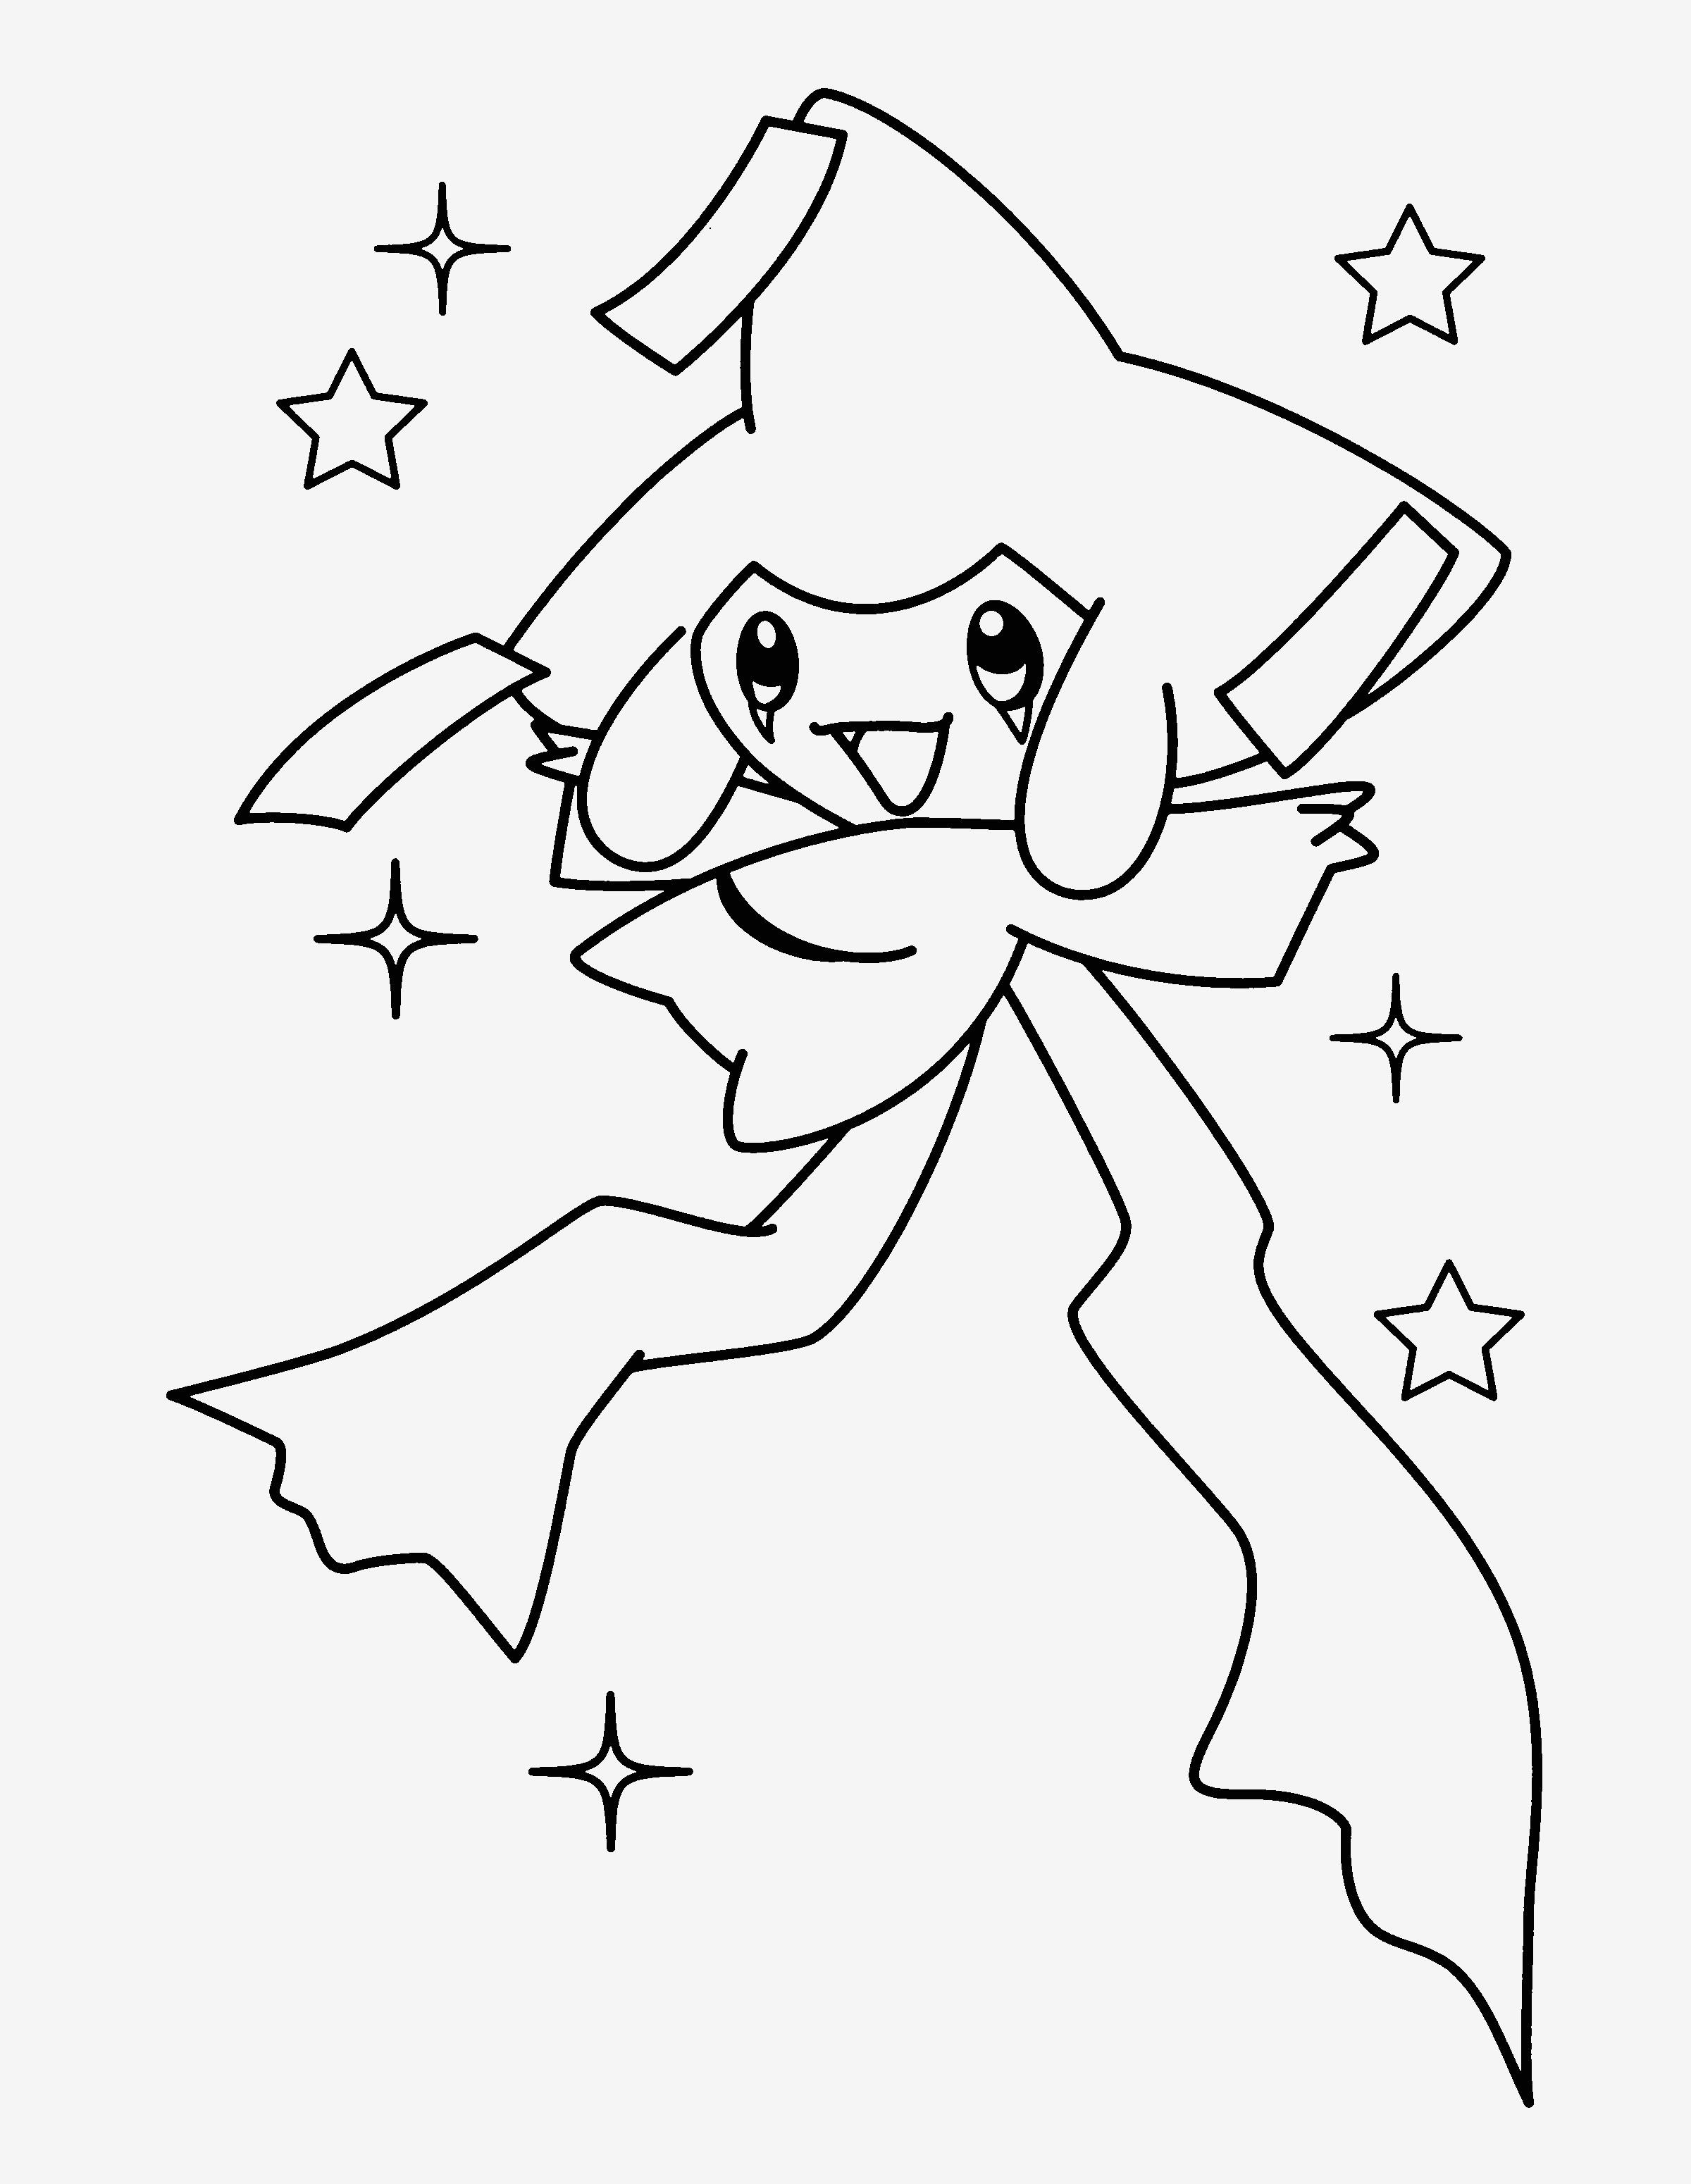 Pokemon Ausmalbilder sonne Und Mond Neu 30 Schön Einhorn Emoji Ausmalbilder – Malvorlagen Ideen Galerie